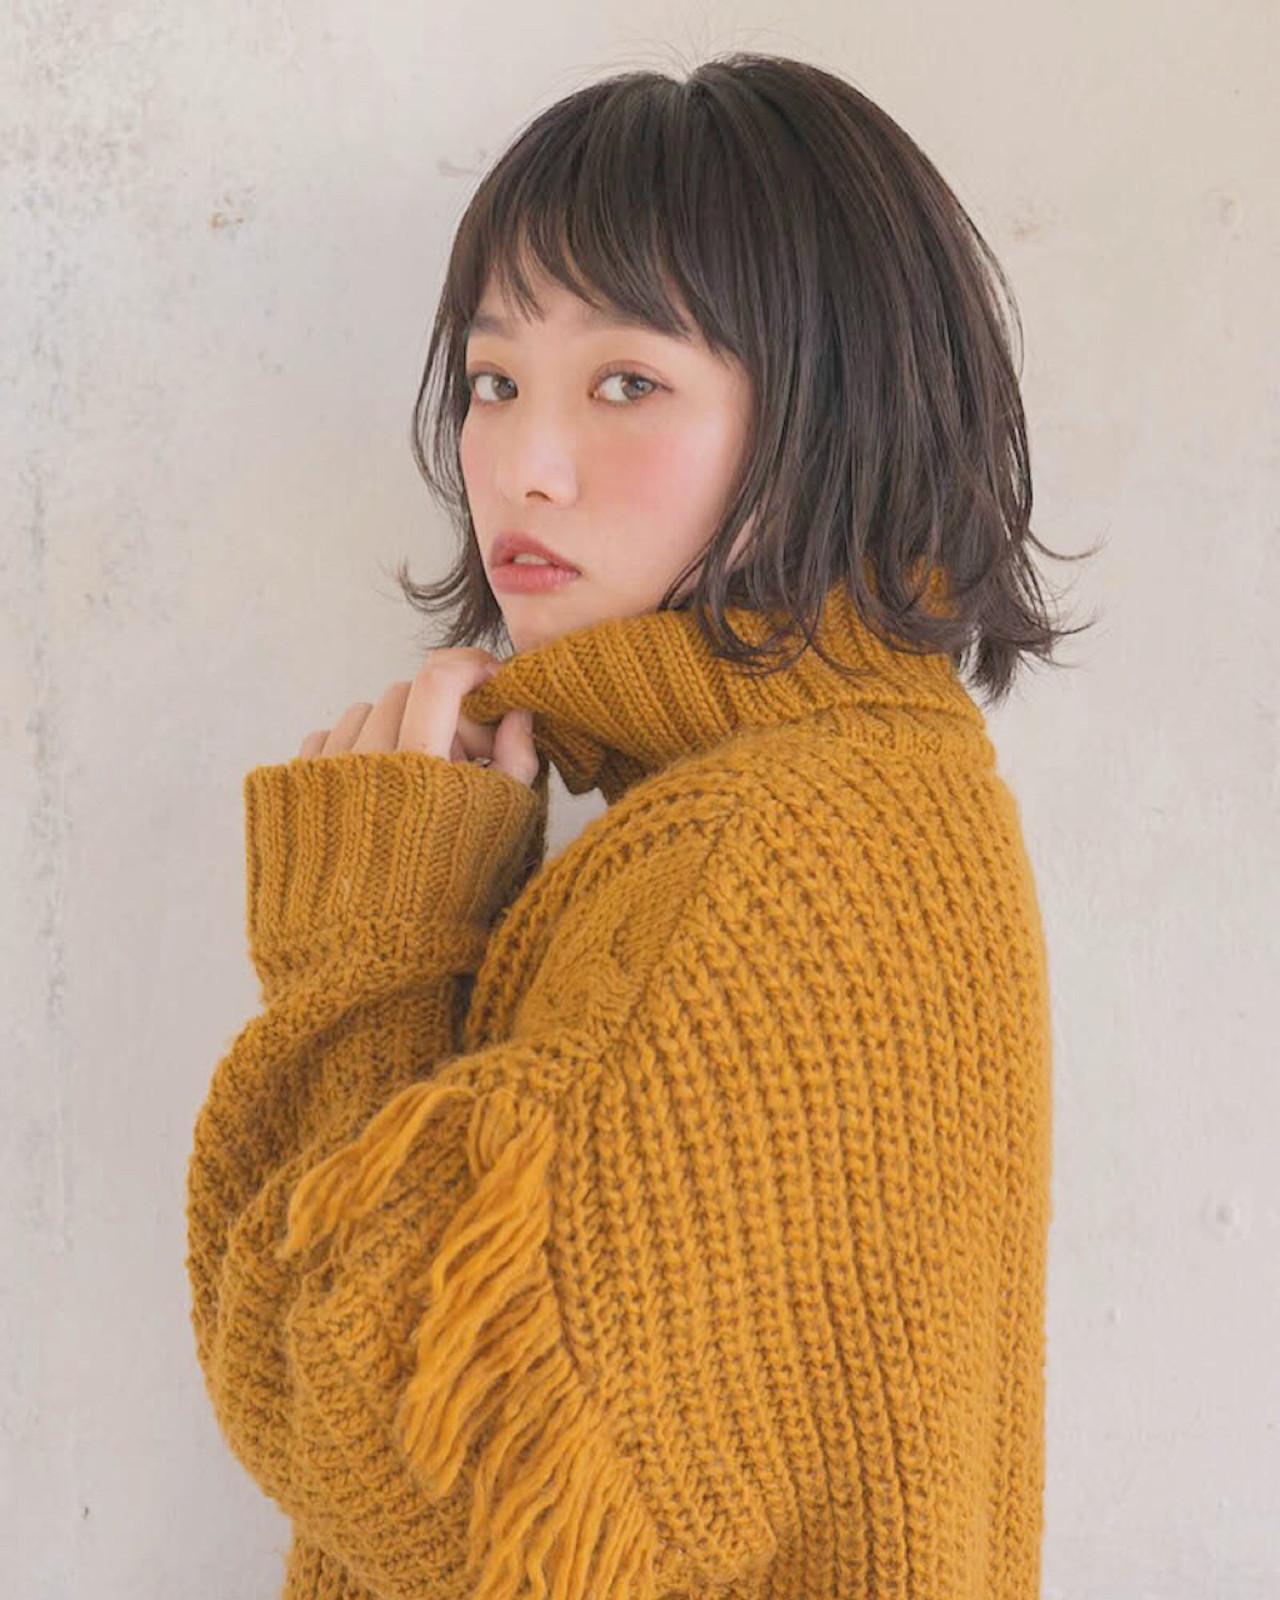 黒髪ボブで清純なイメージに♡ 竹澤 優/relian銀座